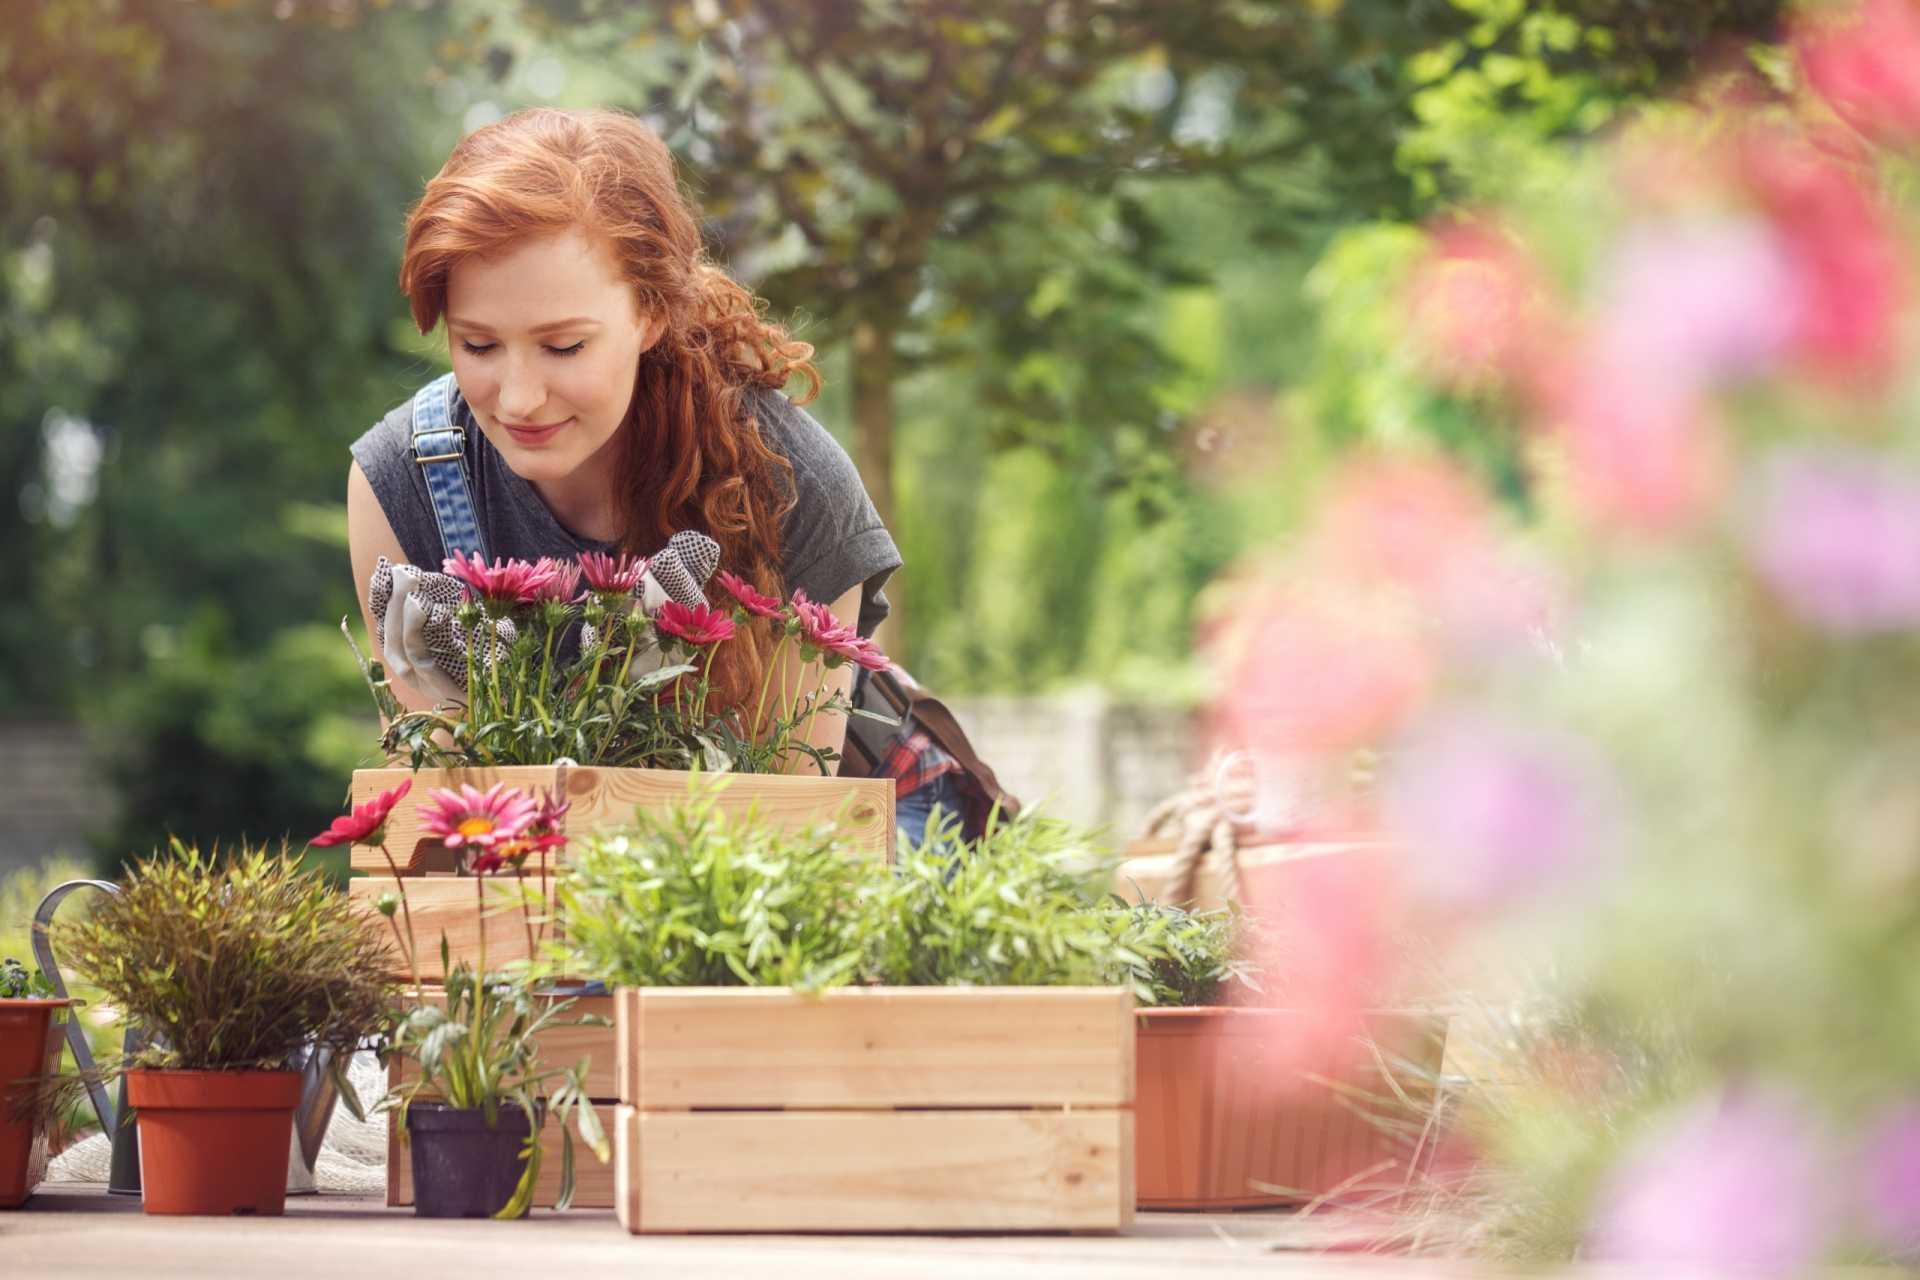 3 Sitztruhen als praktische und komfortable Ergänzung für die Garteneinrichtung